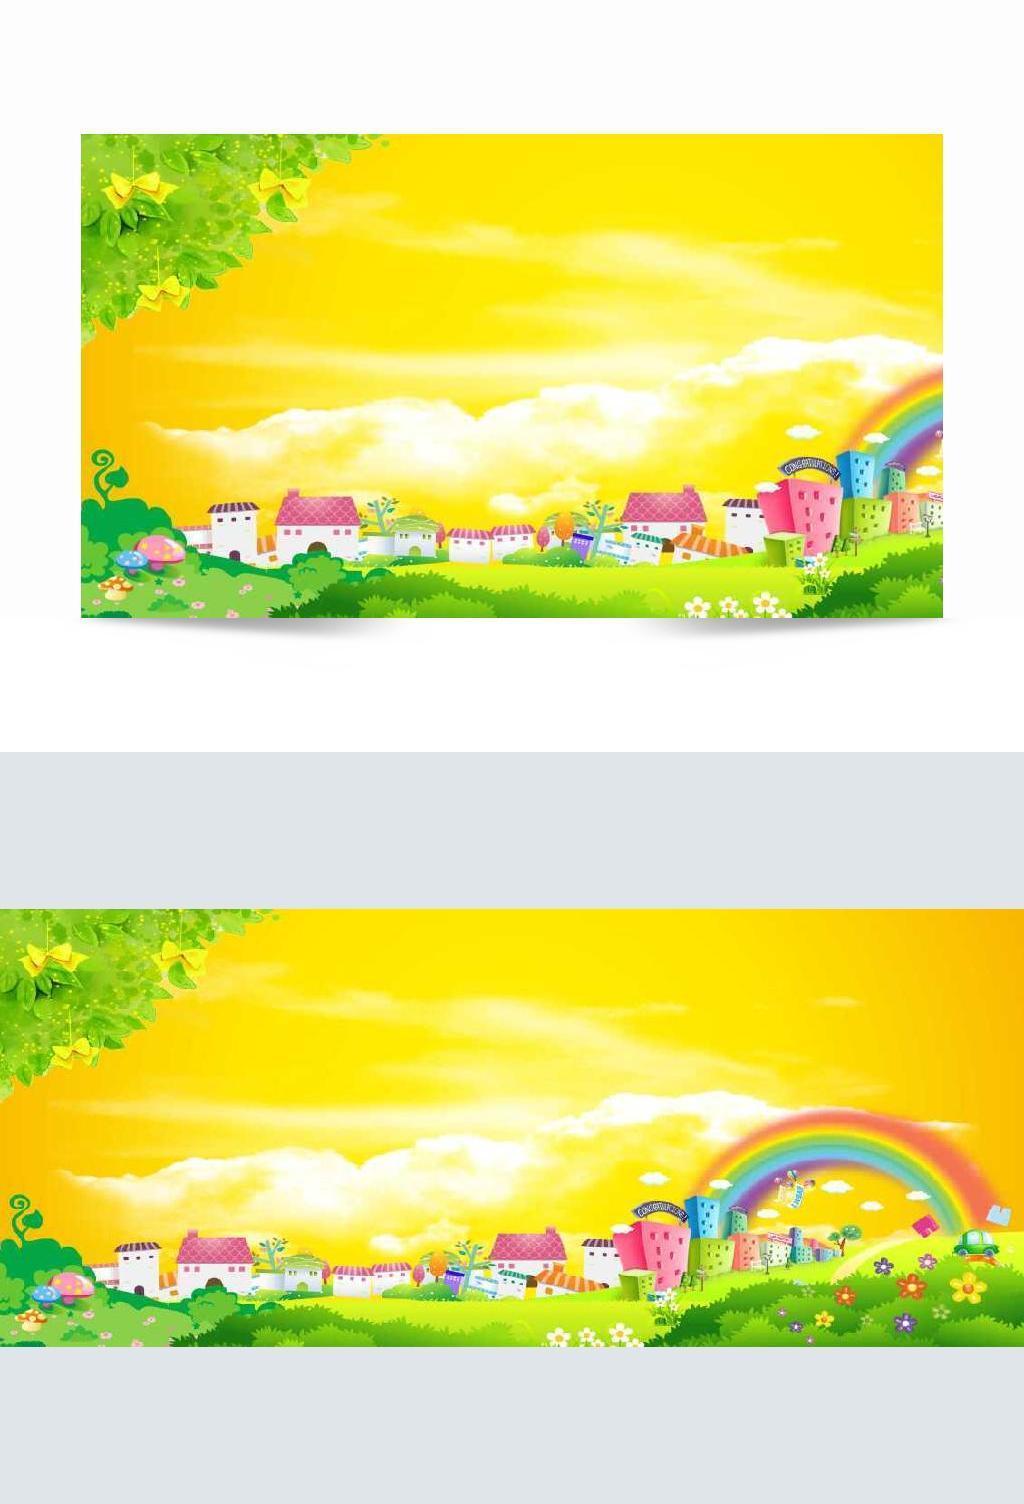 儿童节卡通舞台背景